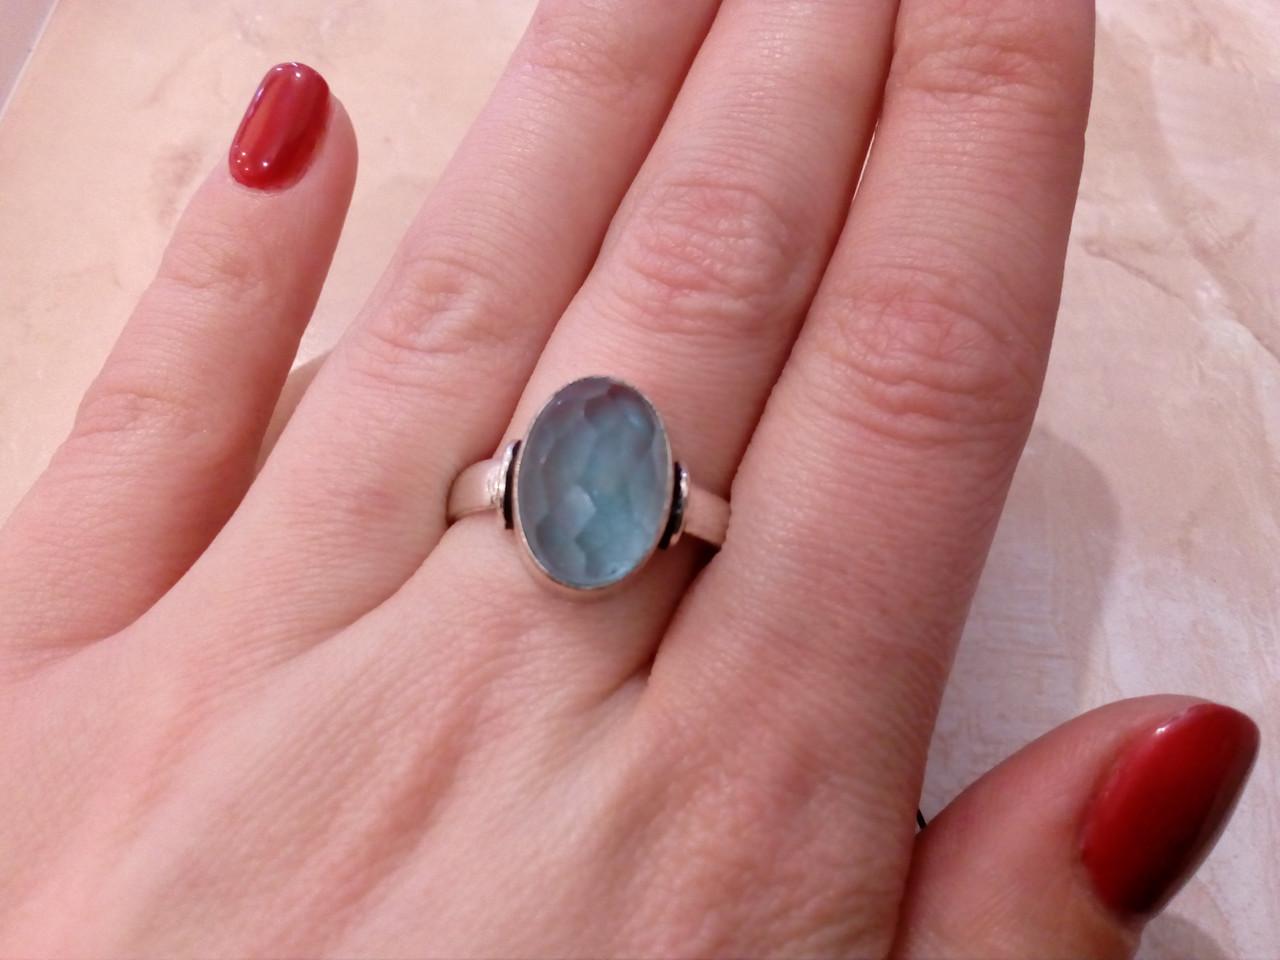 Красивое кольцо с кварц-топазом в серебре. Кольцо кварц-топаз 19,5 размер Индия!